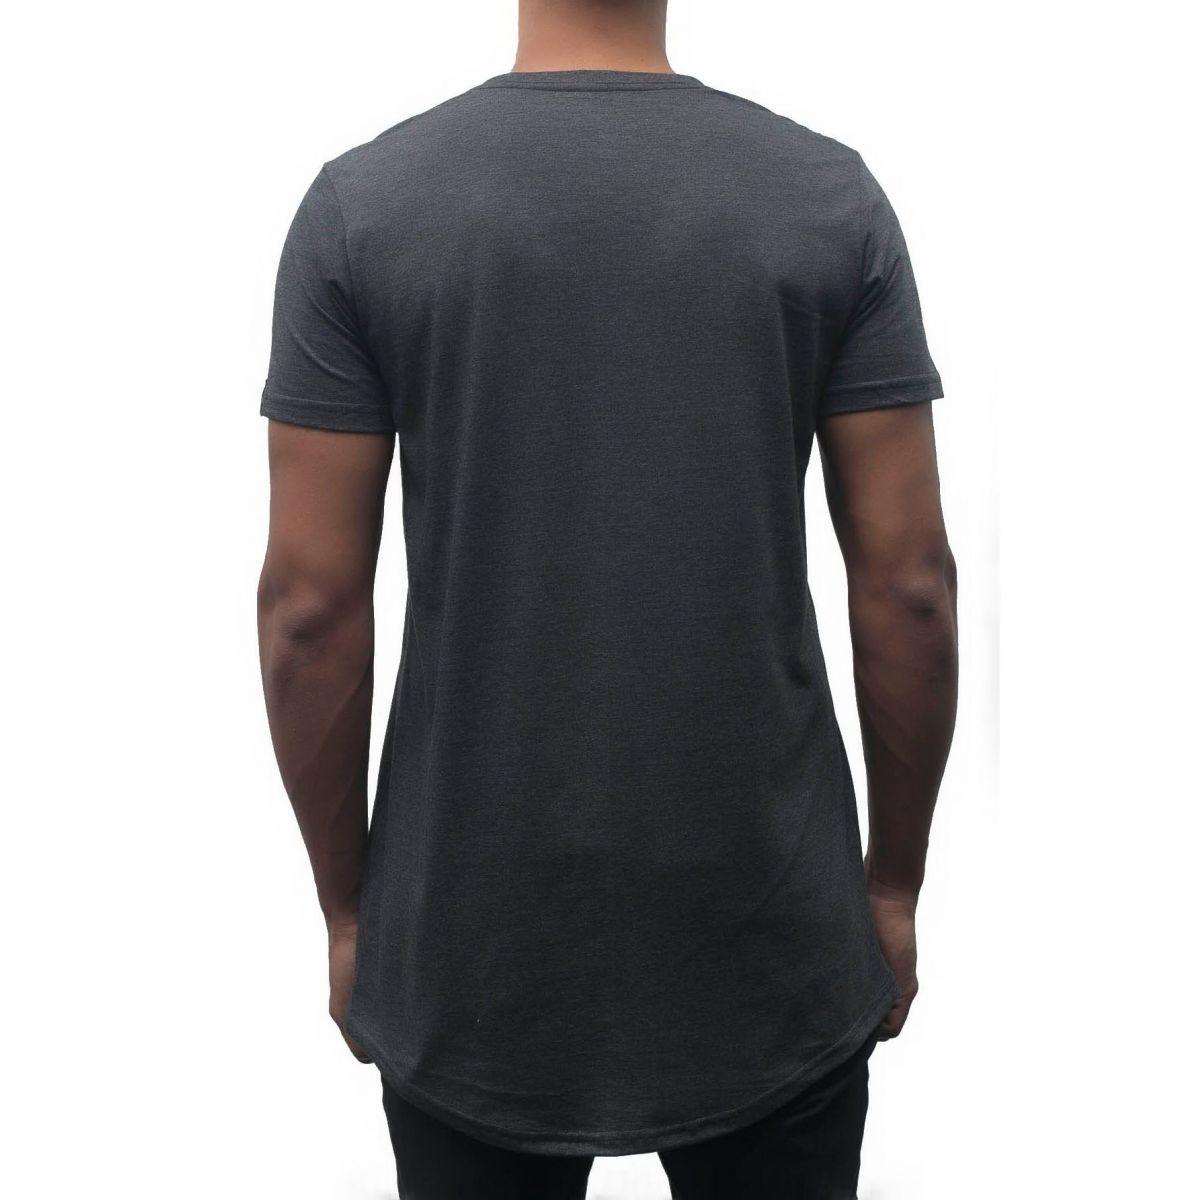 Camiseta Pelo Rei e Pelo Reino Masculina - #REINODEPONTACABEÇA  - Jesuscopy